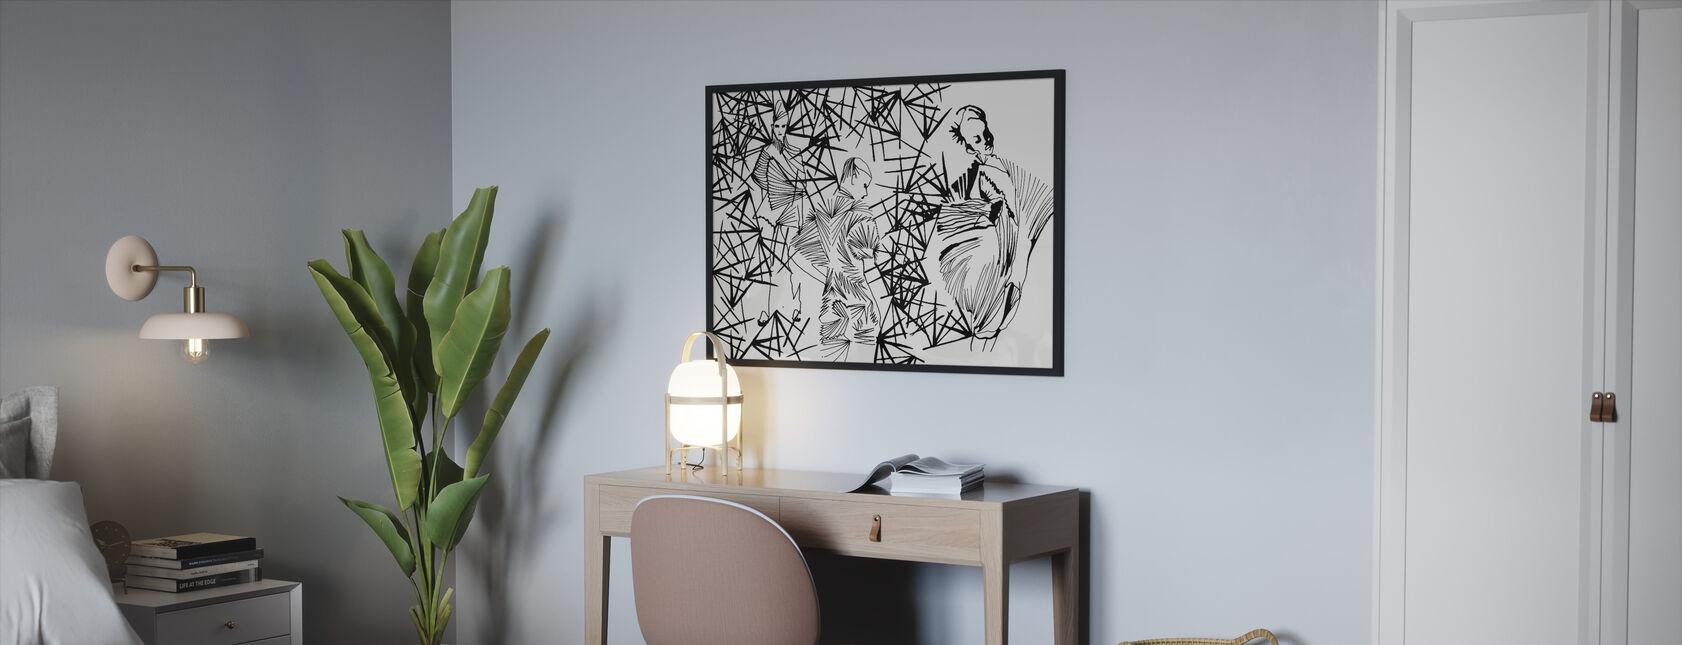 Laskostettu kauneus - Kehystetty kuva - Makuuhuone